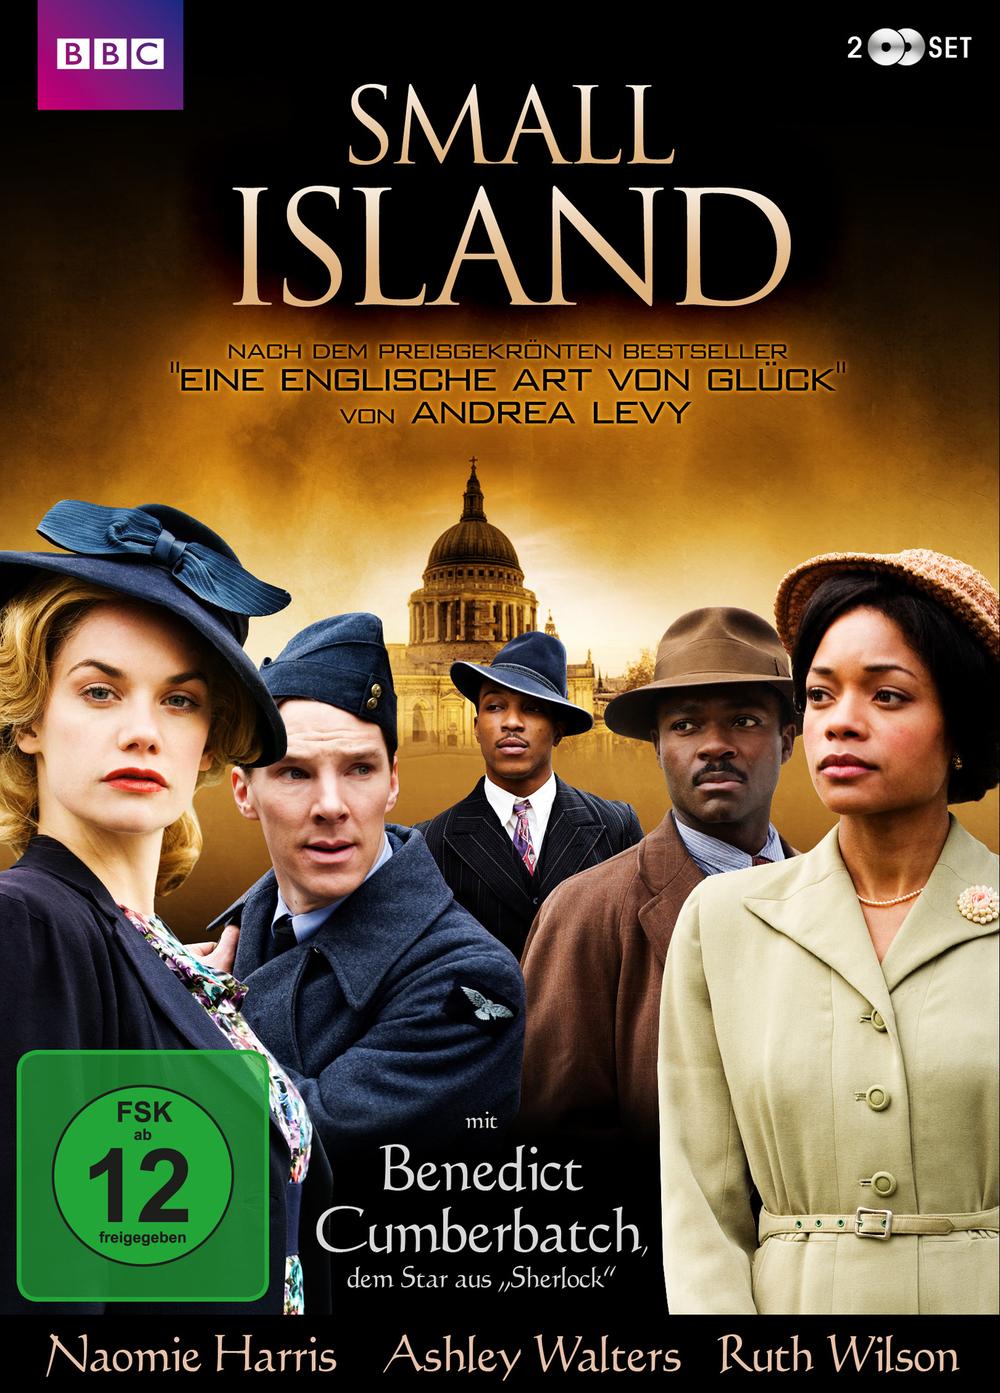 """Gewinnspiel: Gewinne eine DVD zur historischen BBC Mini-Serie """"Small Island"""""""